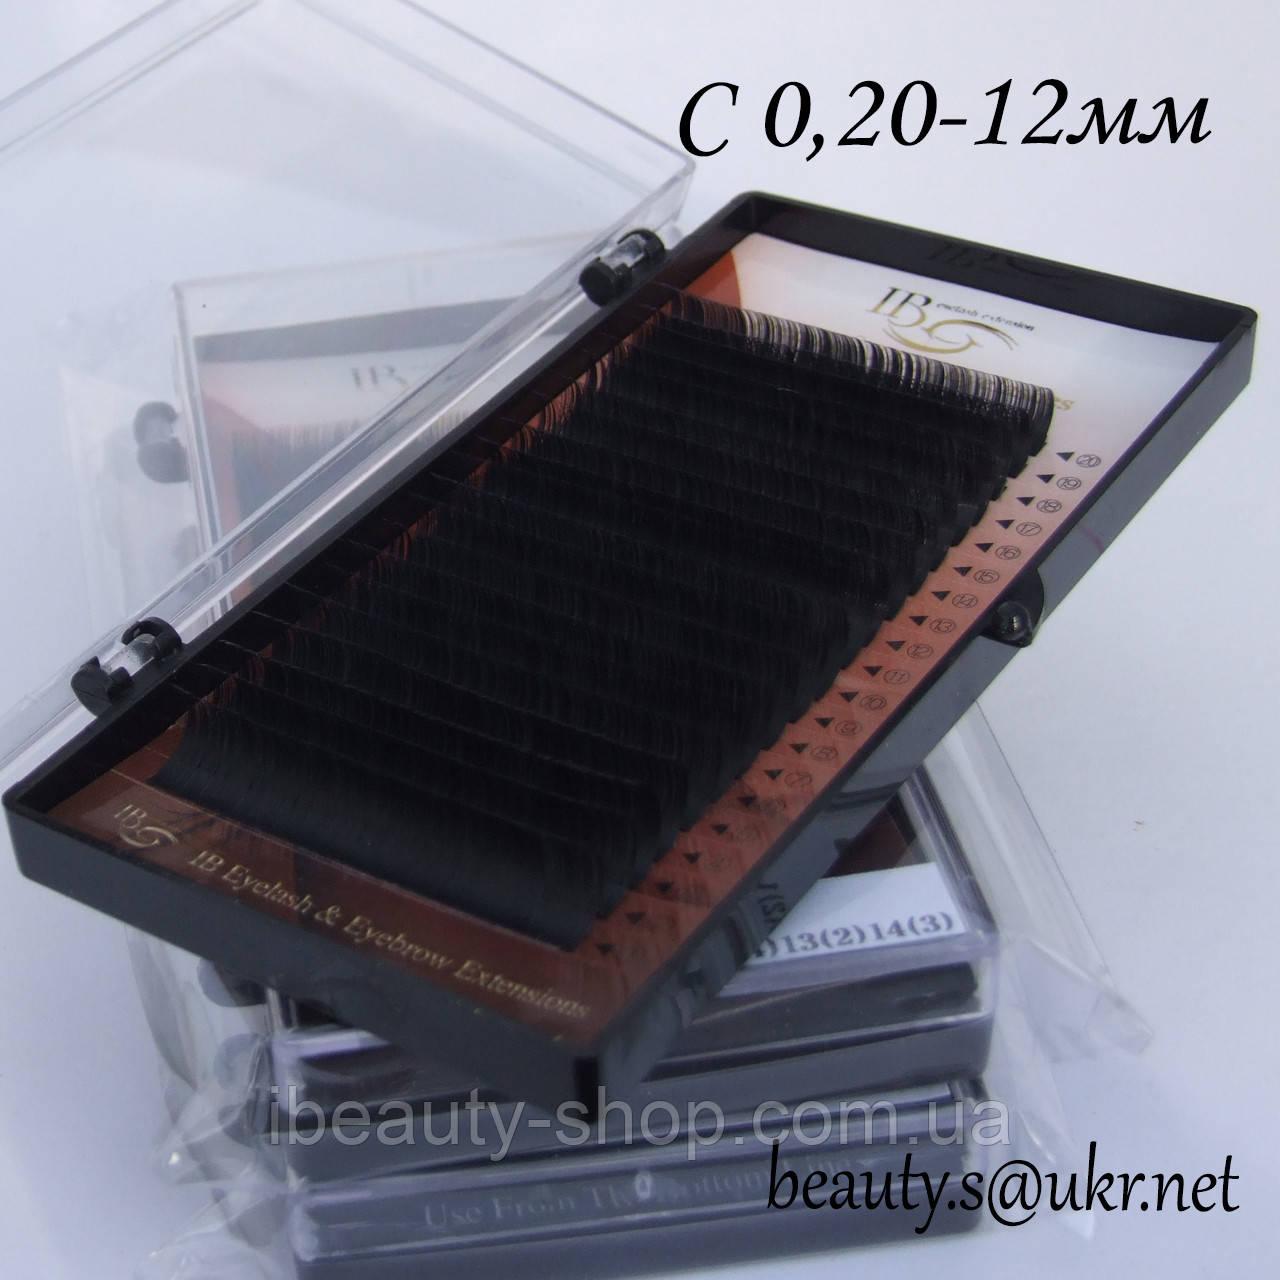 Ресницы  I-Beauty на ленте С-0,20 12мм